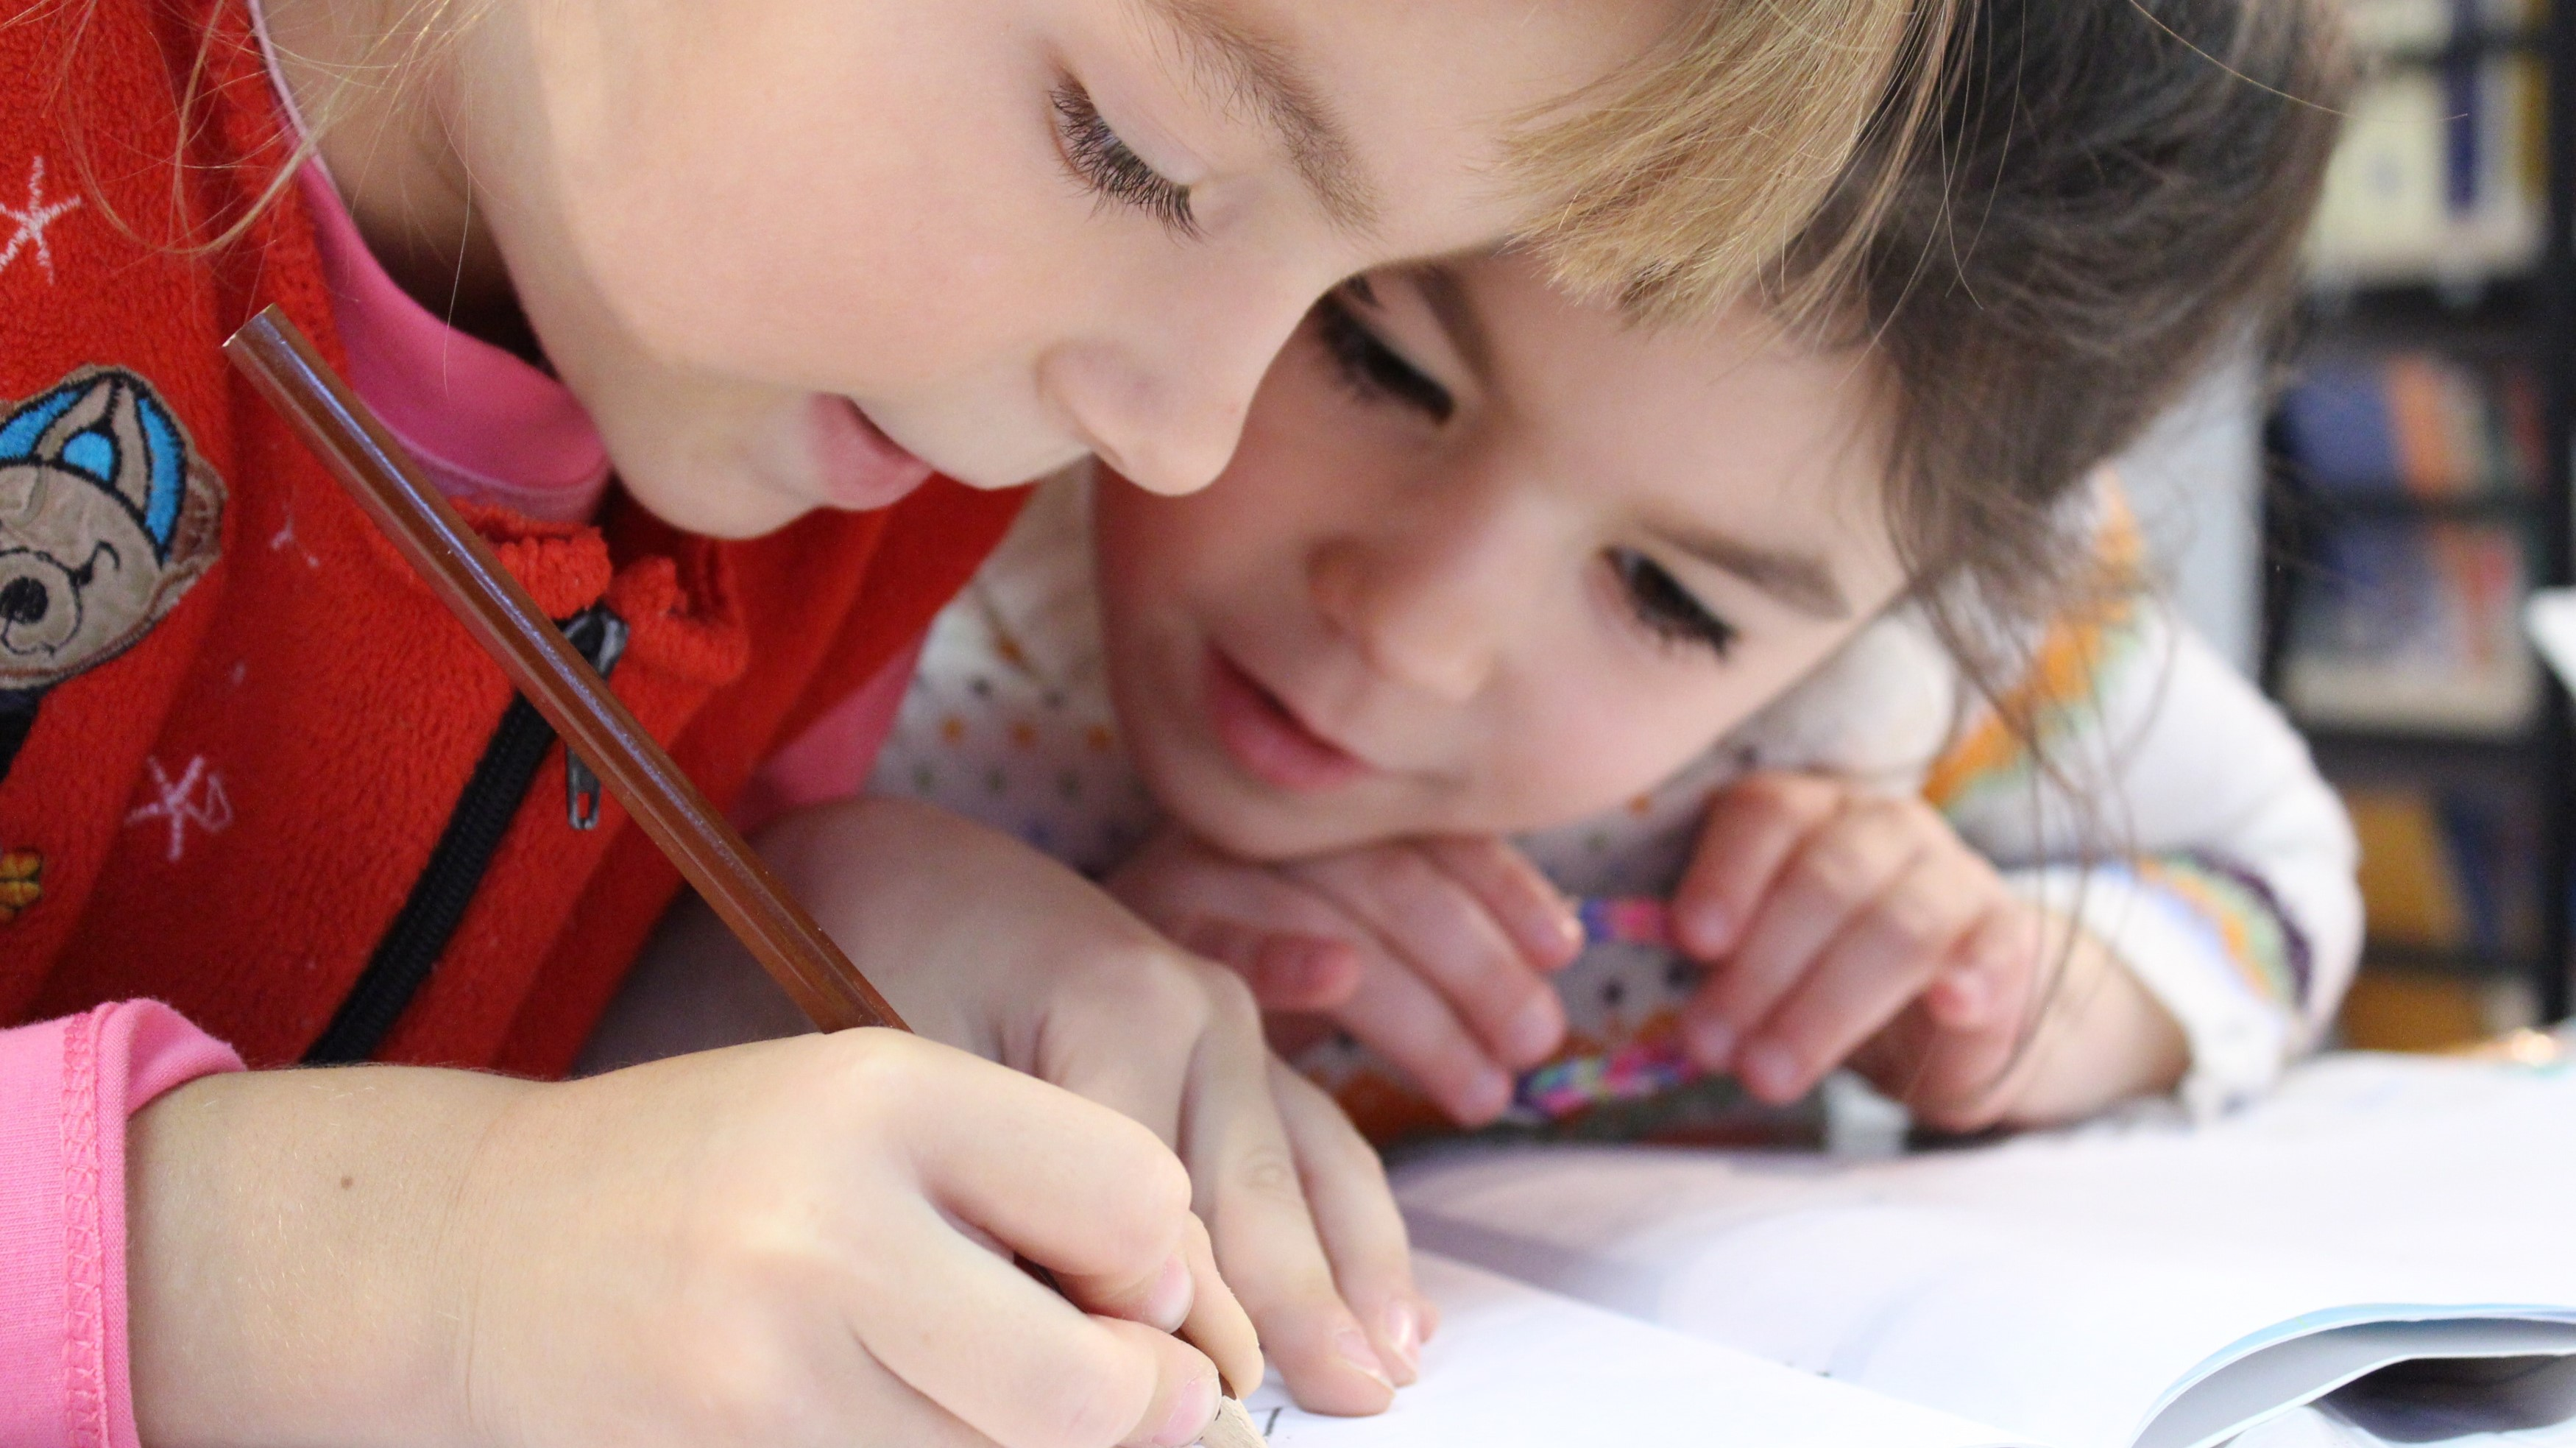 <html>  <head></head>  <body>   <p>La rentrée scolaire approche et votre enfant appréhende de retourner en cours ? Il est toujours difficile de dire au revoir aux vacances, mais sachez qu'il est aussi possible de préparer en douceur vos enfants à la reprise des cours, dont les cours d'anglais.</p>   </body> </html>